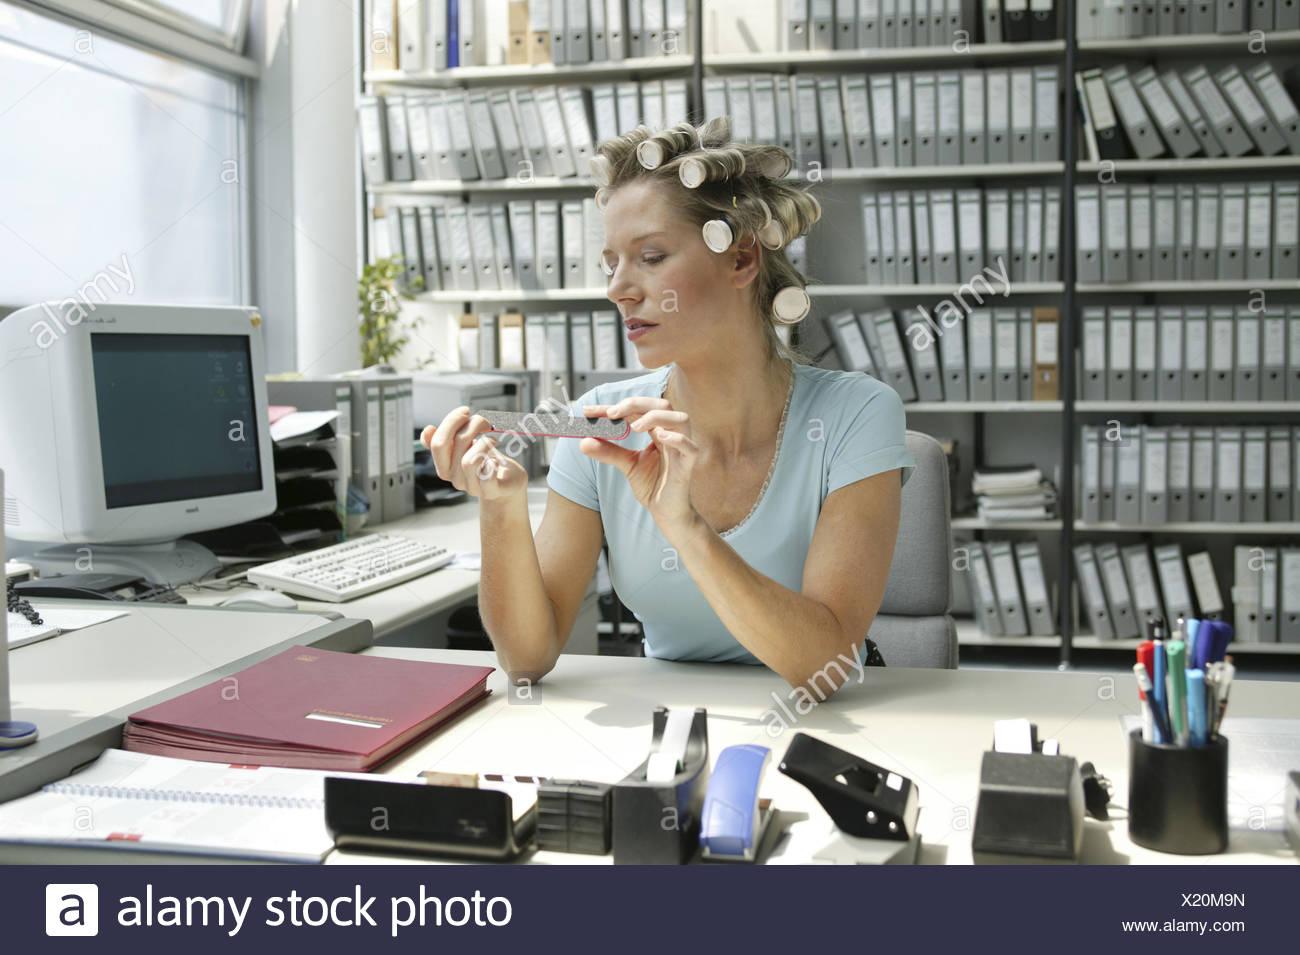 Ongles superbement entretenus sur le bureau avec des outils pour